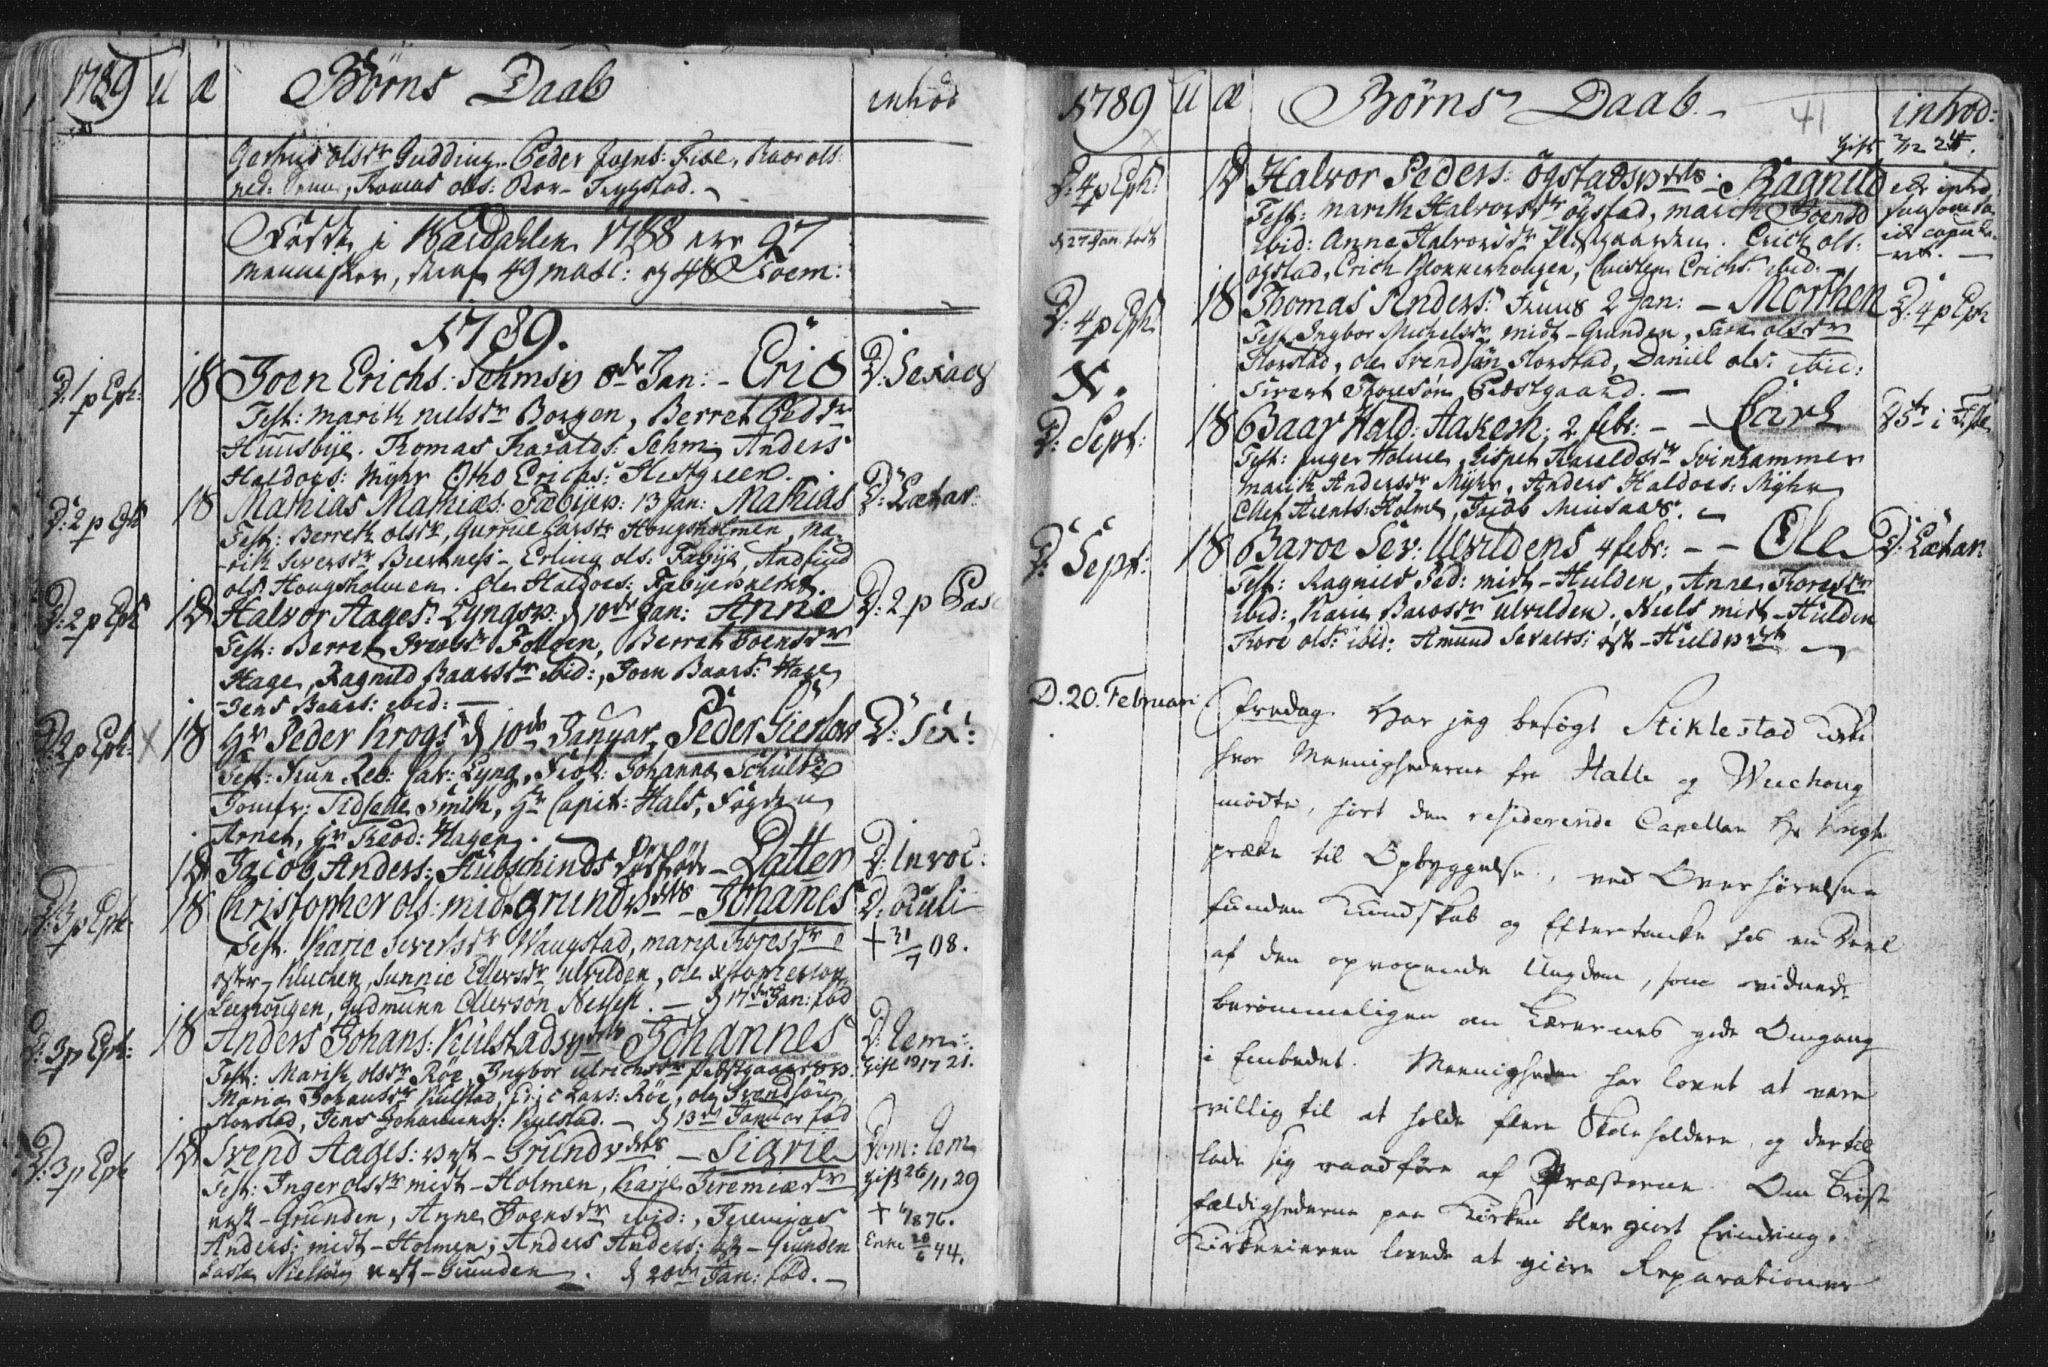 SAT, Ministerialprotokoller, klokkerbøker og fødselsregistre - Nord-Trøndelag, 723/L0232: Ministerialbok nr. 723A03, 1781-1804, s. 41